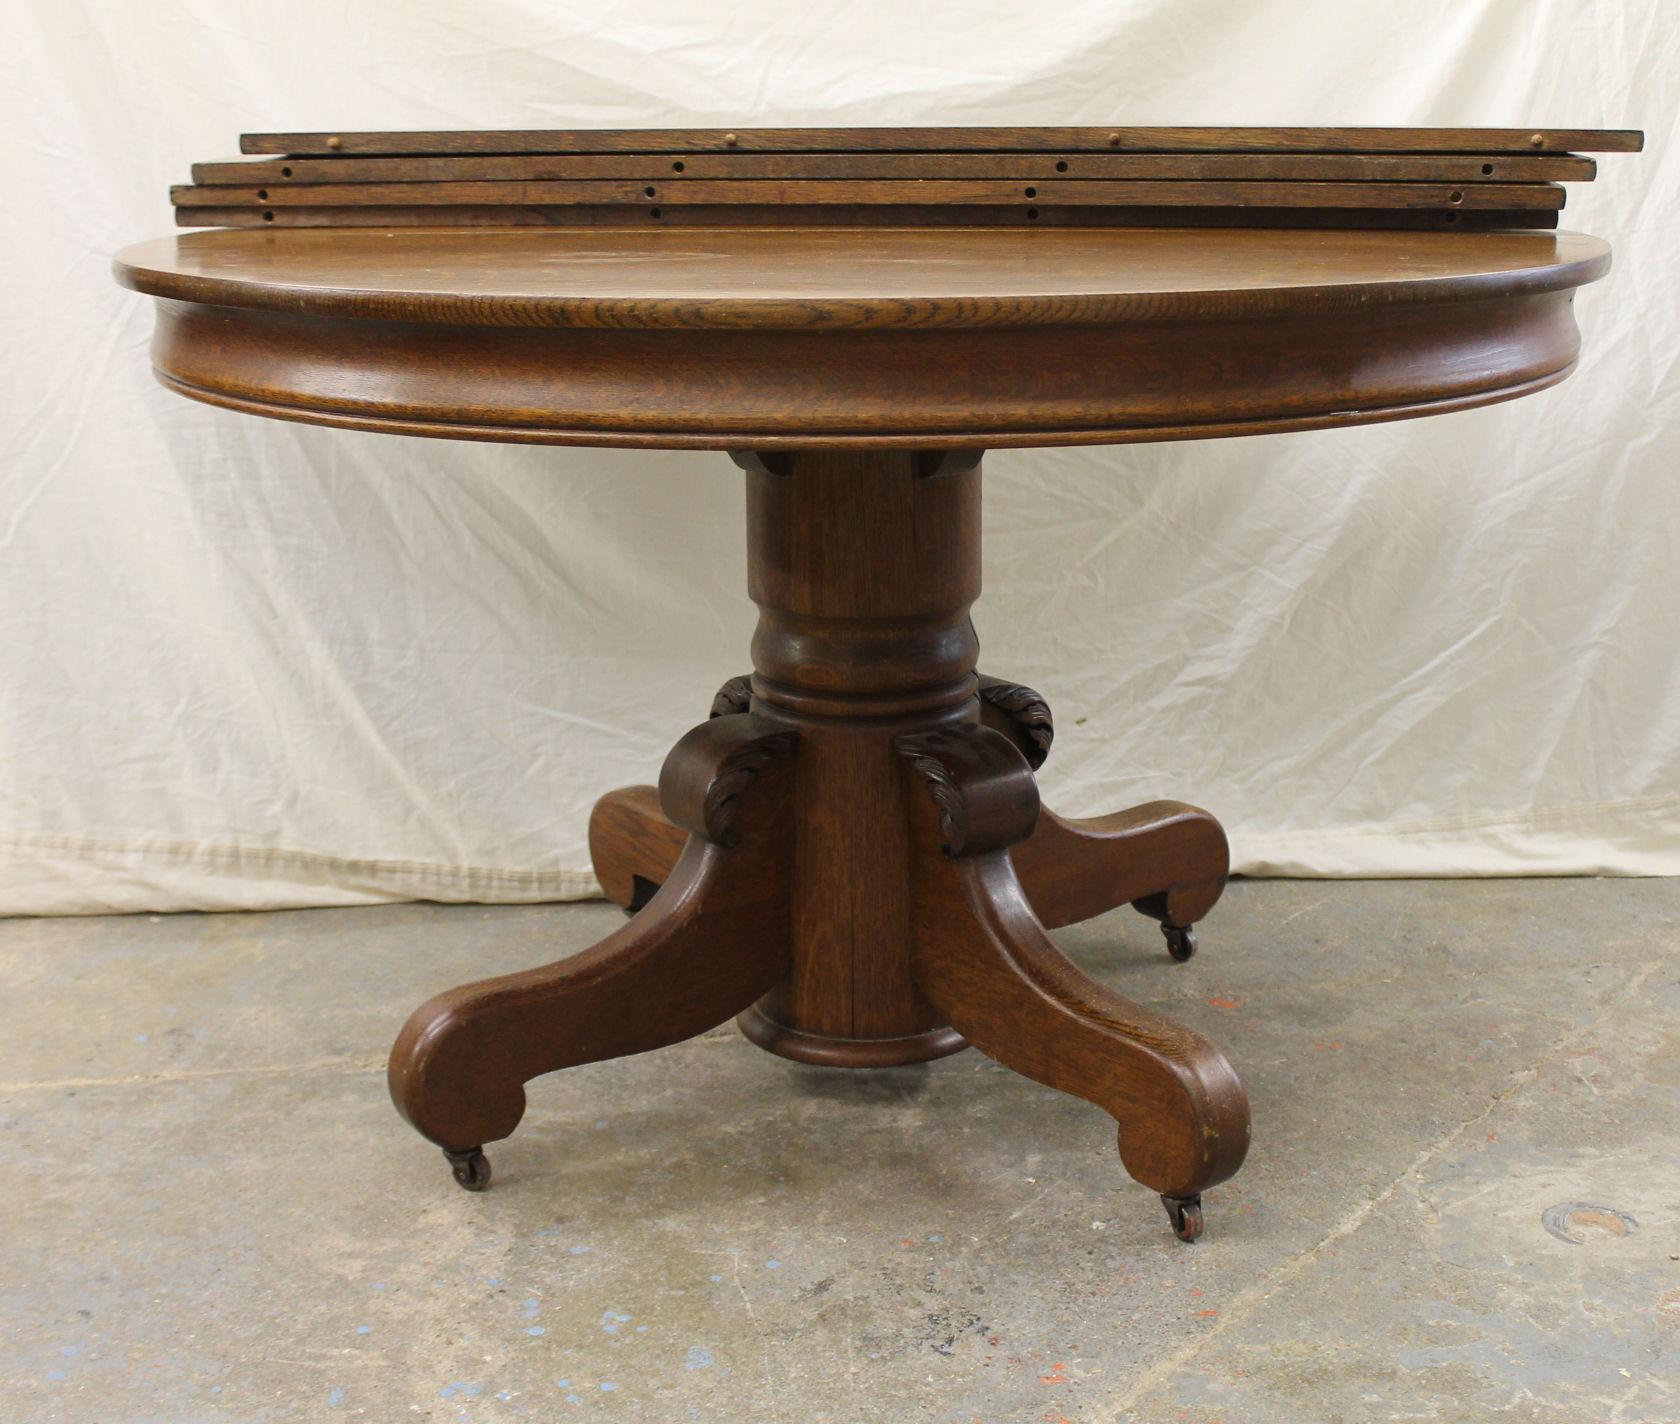 Bargain John S Antiques Antique Round Oak Pedestal Dining Table Bargain John S Antiques